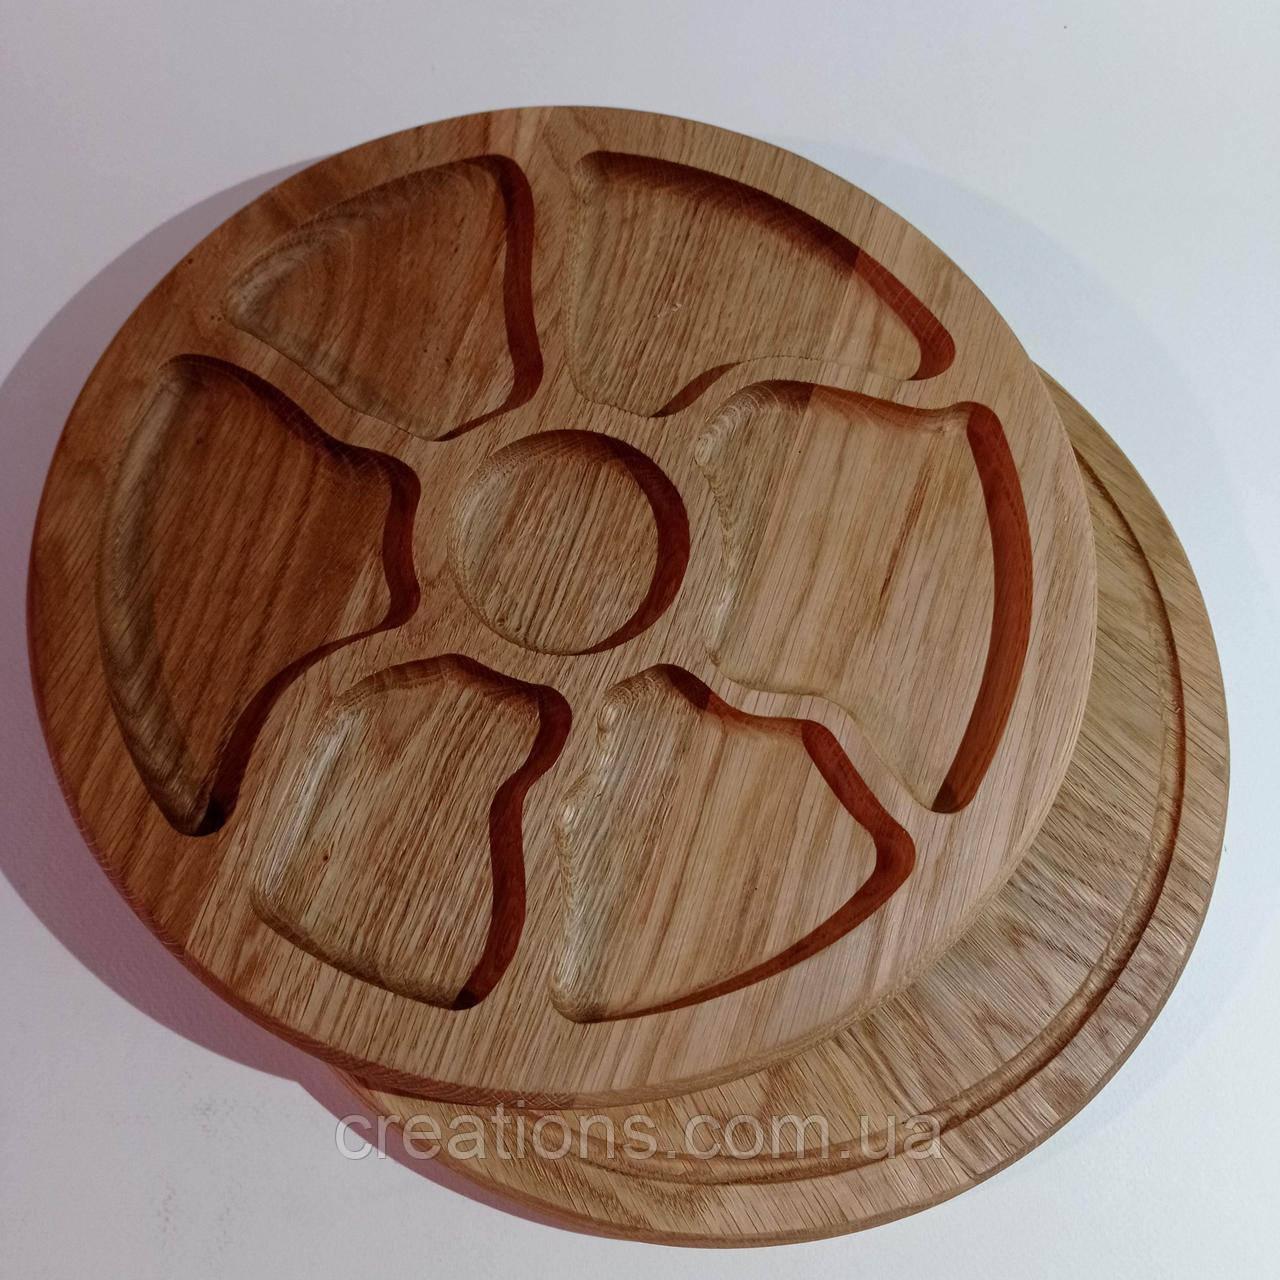 Менажниця дерев'яна дошка для подачі страв 30 см. кругла з дуба на 7 ділень, двостороння